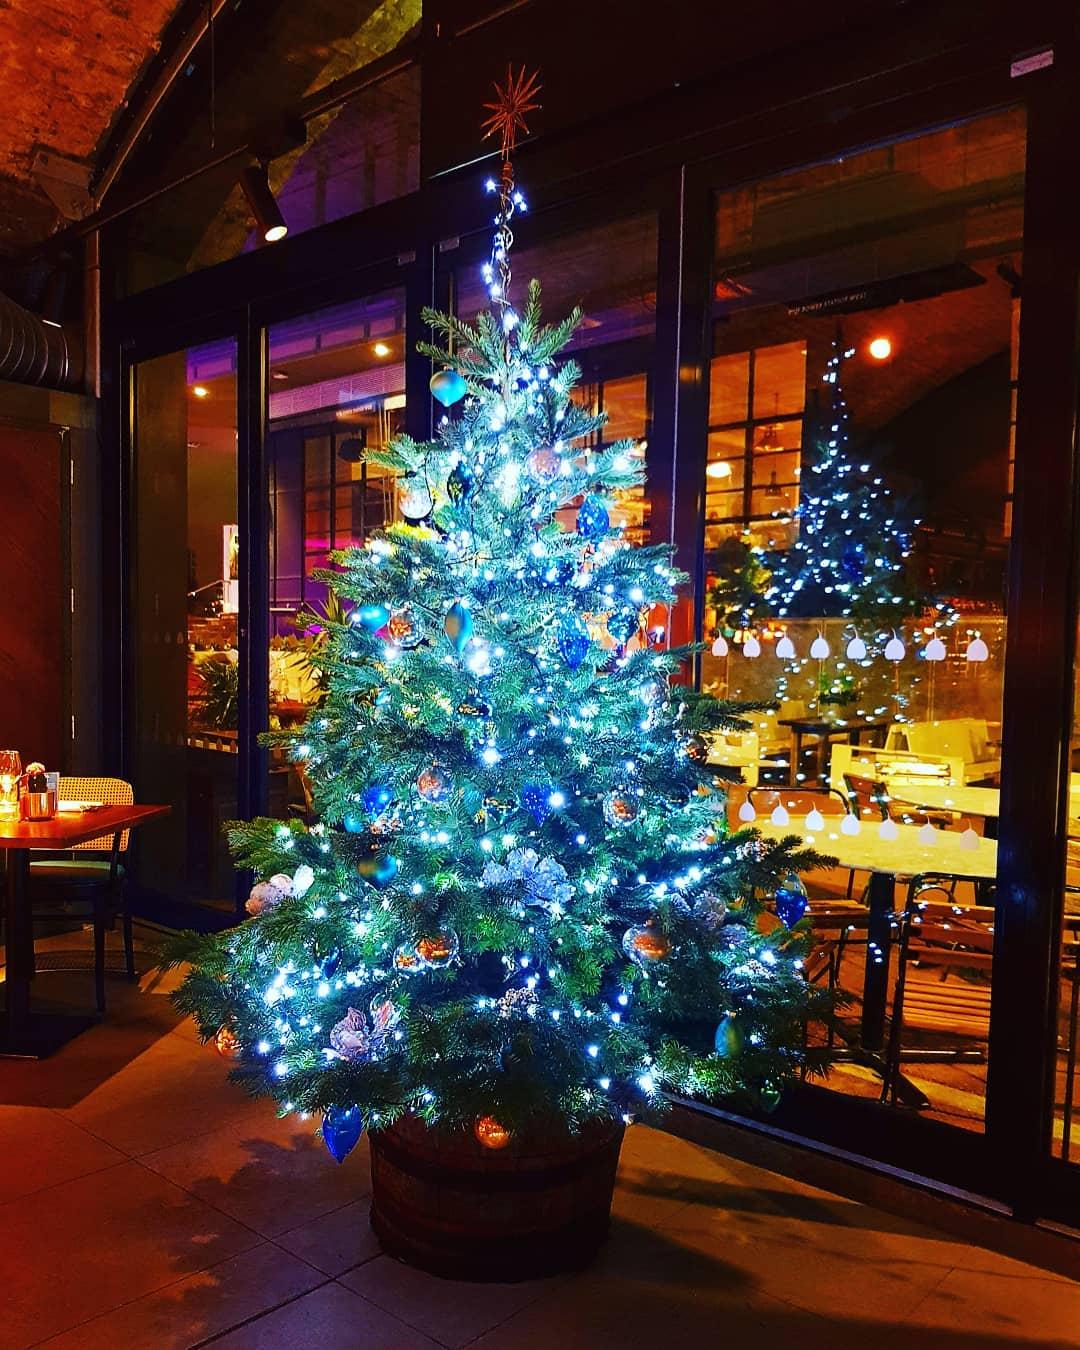 Christmas at Battersea (Photo: @skasrafulhaque)